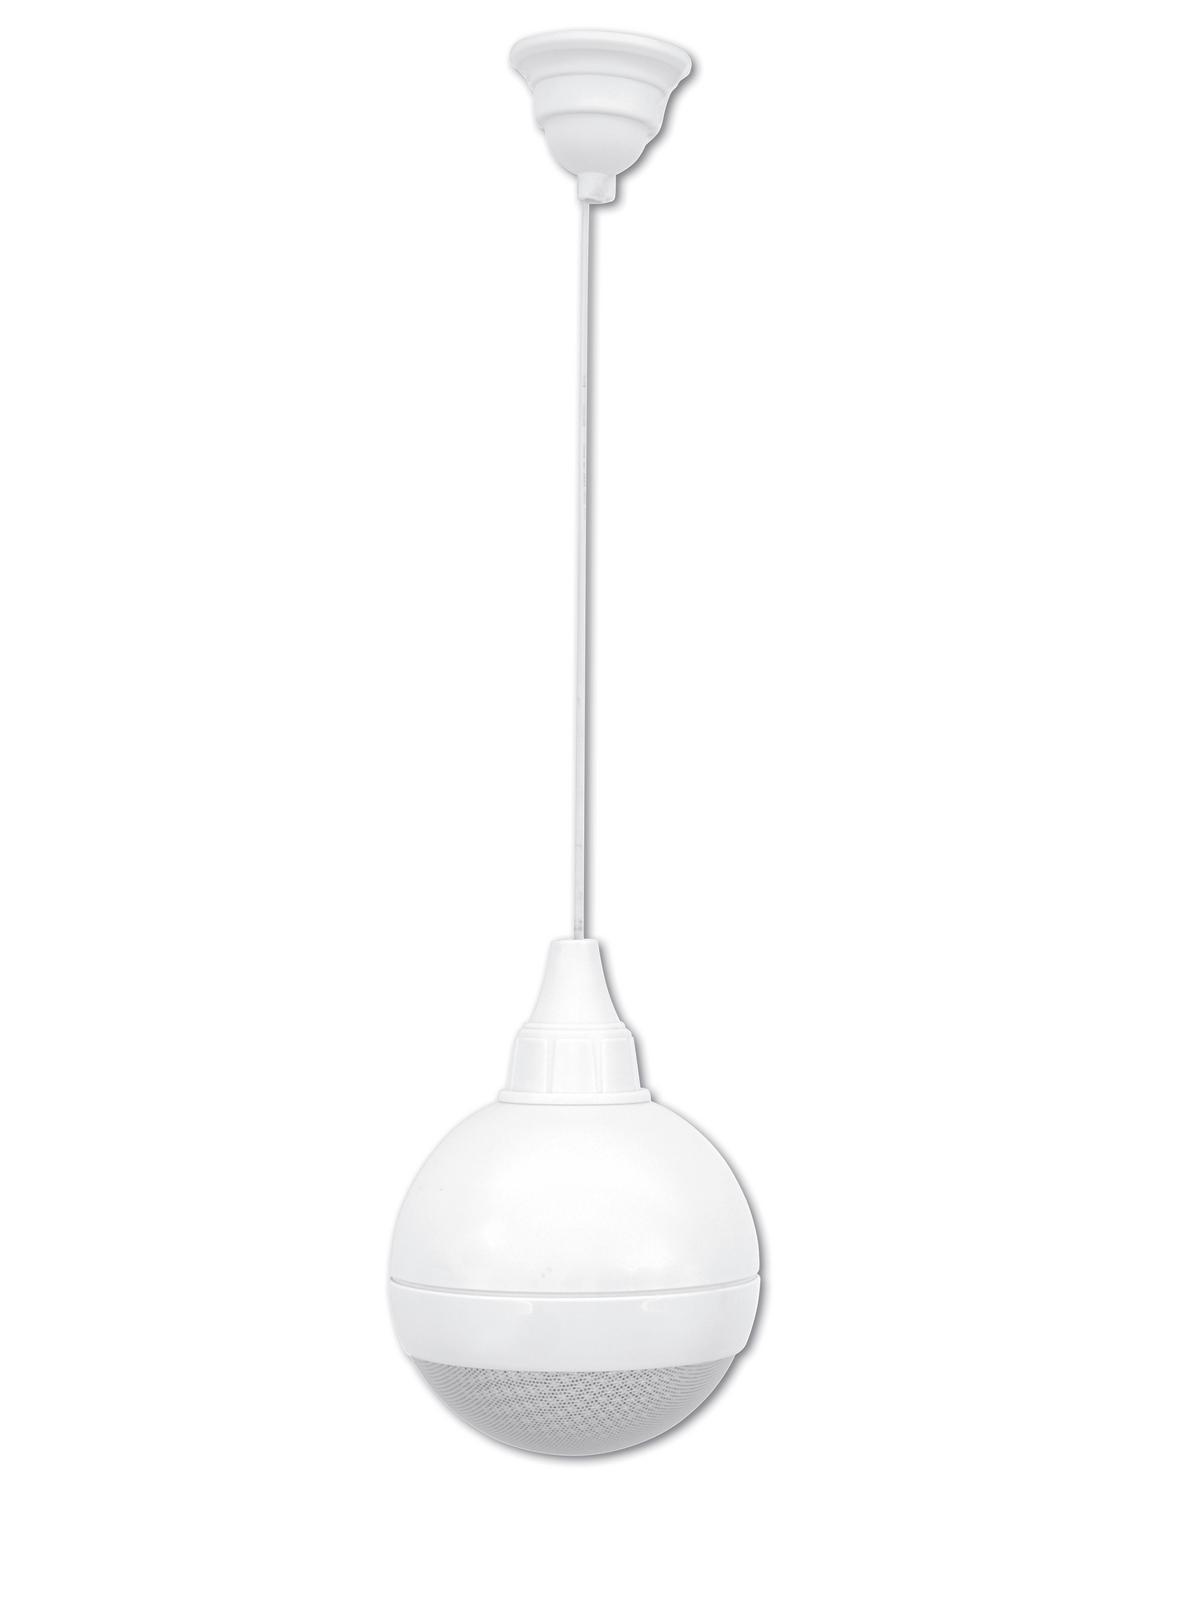 Cassa diffusore da soffitto parete 10 watt OMNITRONIC WP-5H  pa bianca